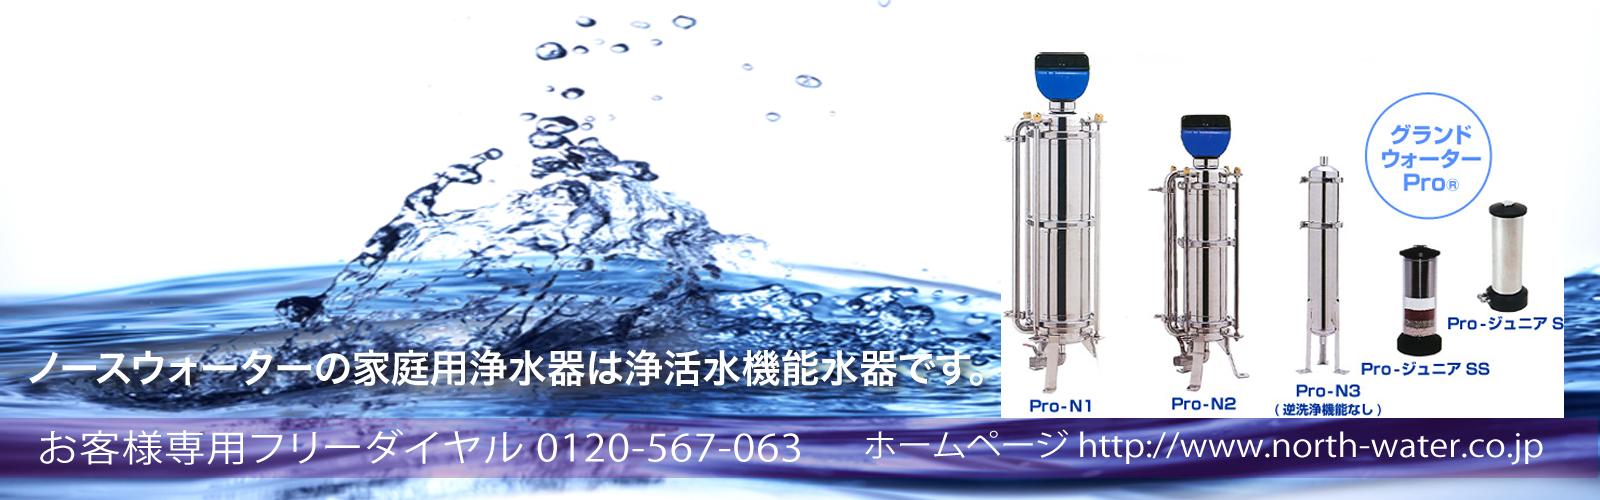 イオニオンMX|超小型マイナスイオン発生器